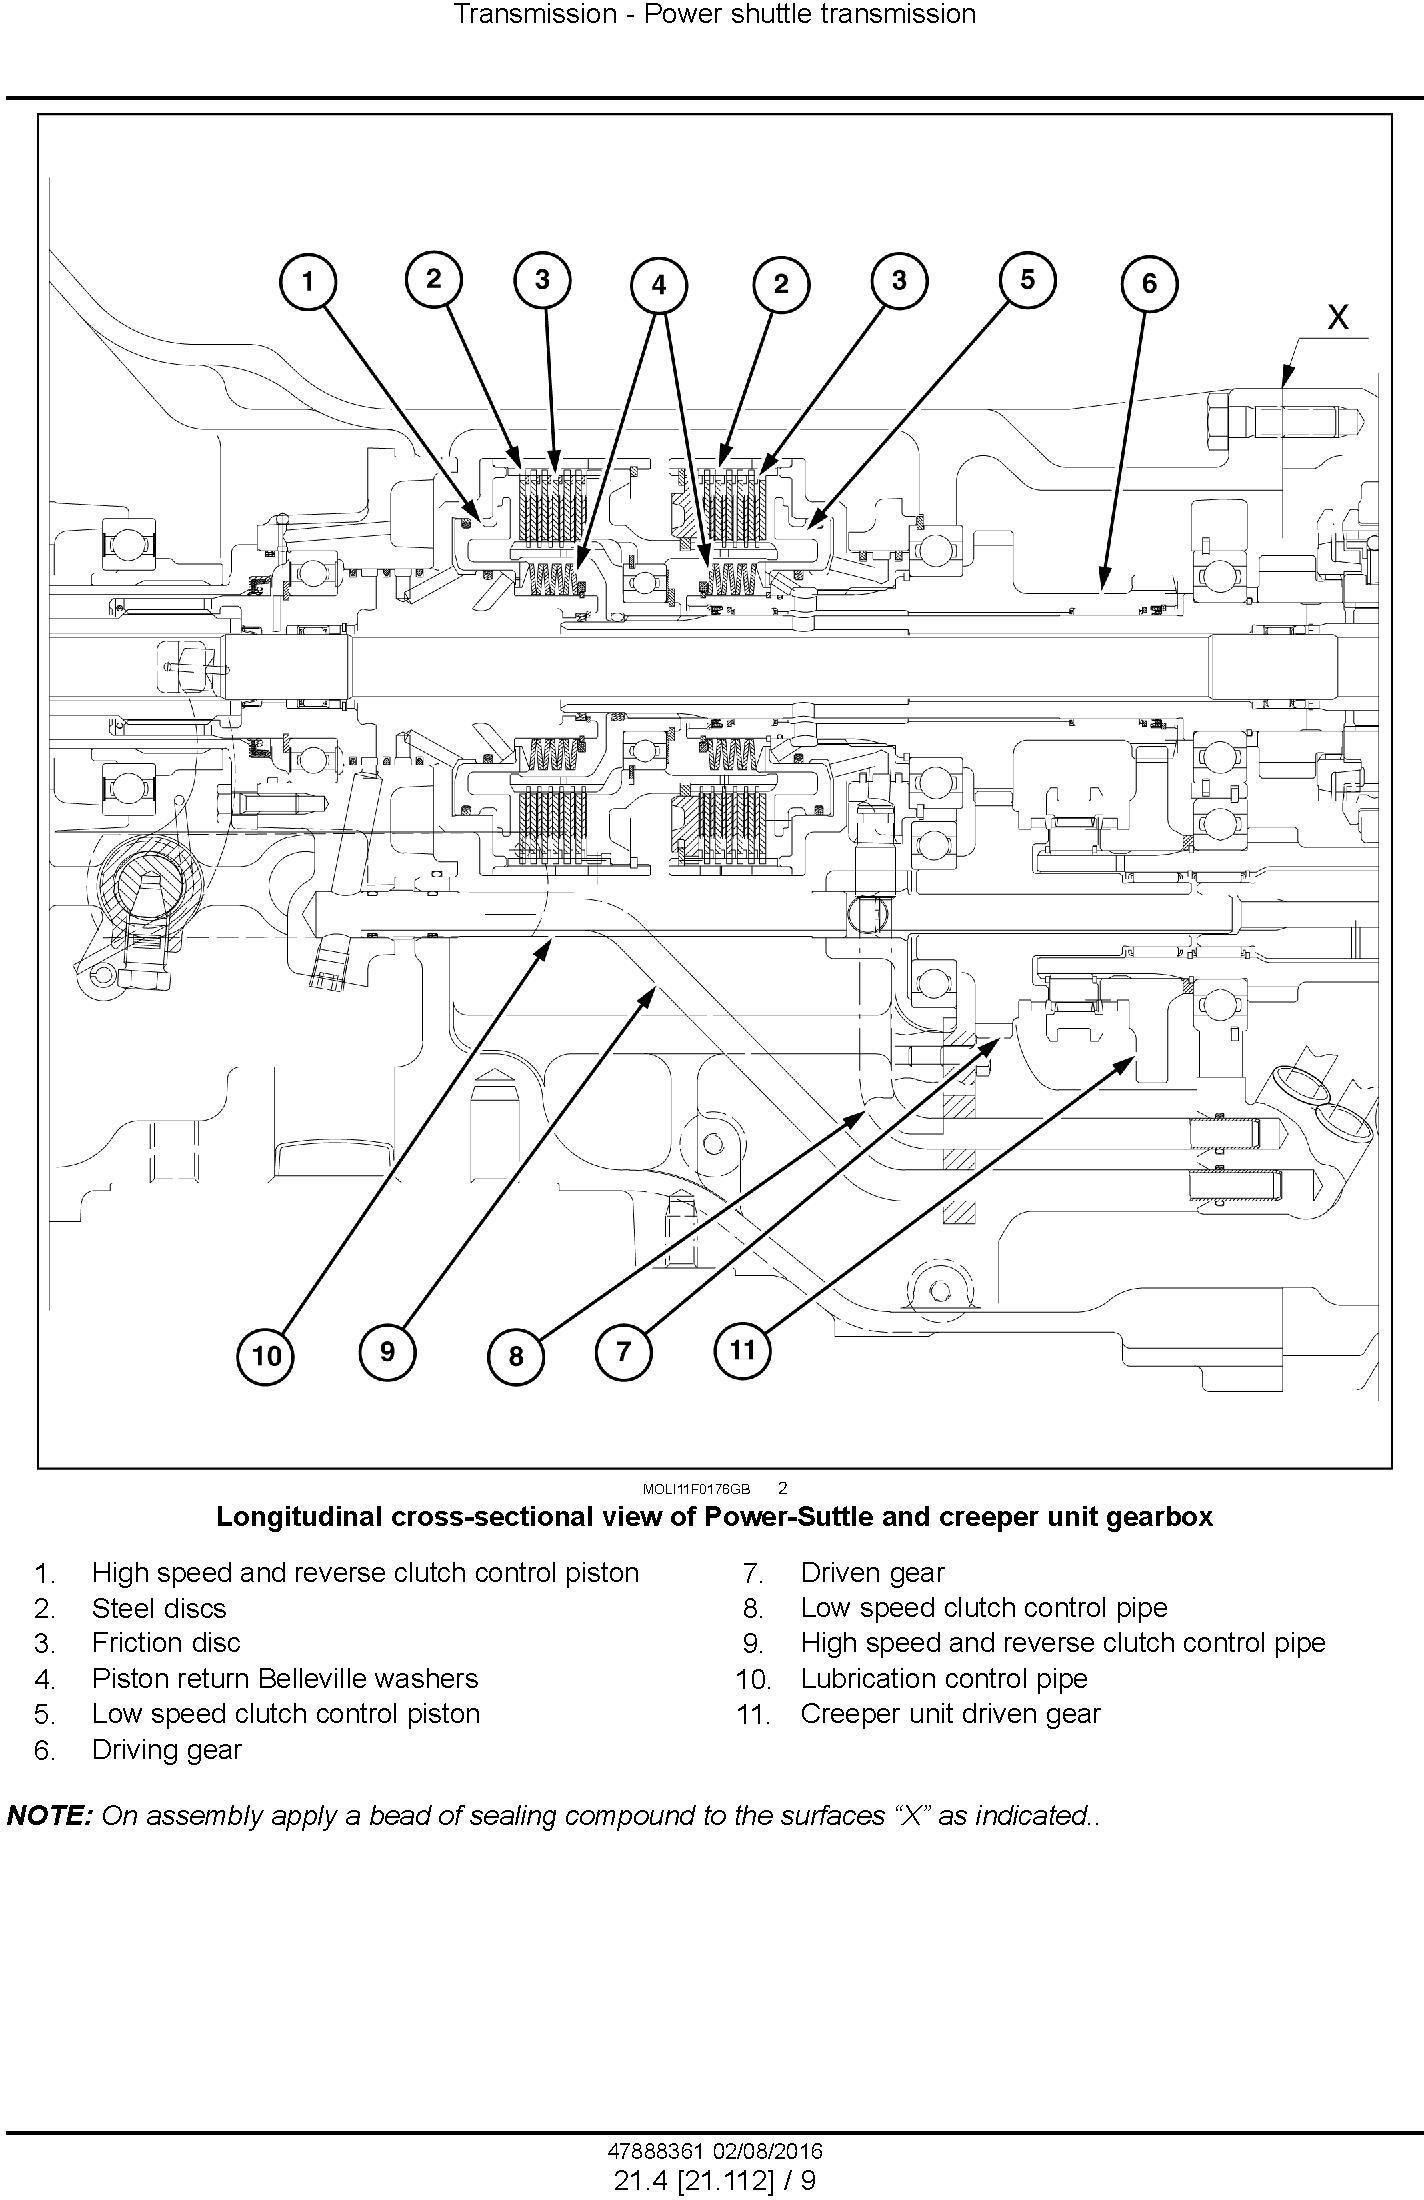 New Holland T4.75F, T4.85F, T4.95F, T4.105F Tractor Service Manual - 3